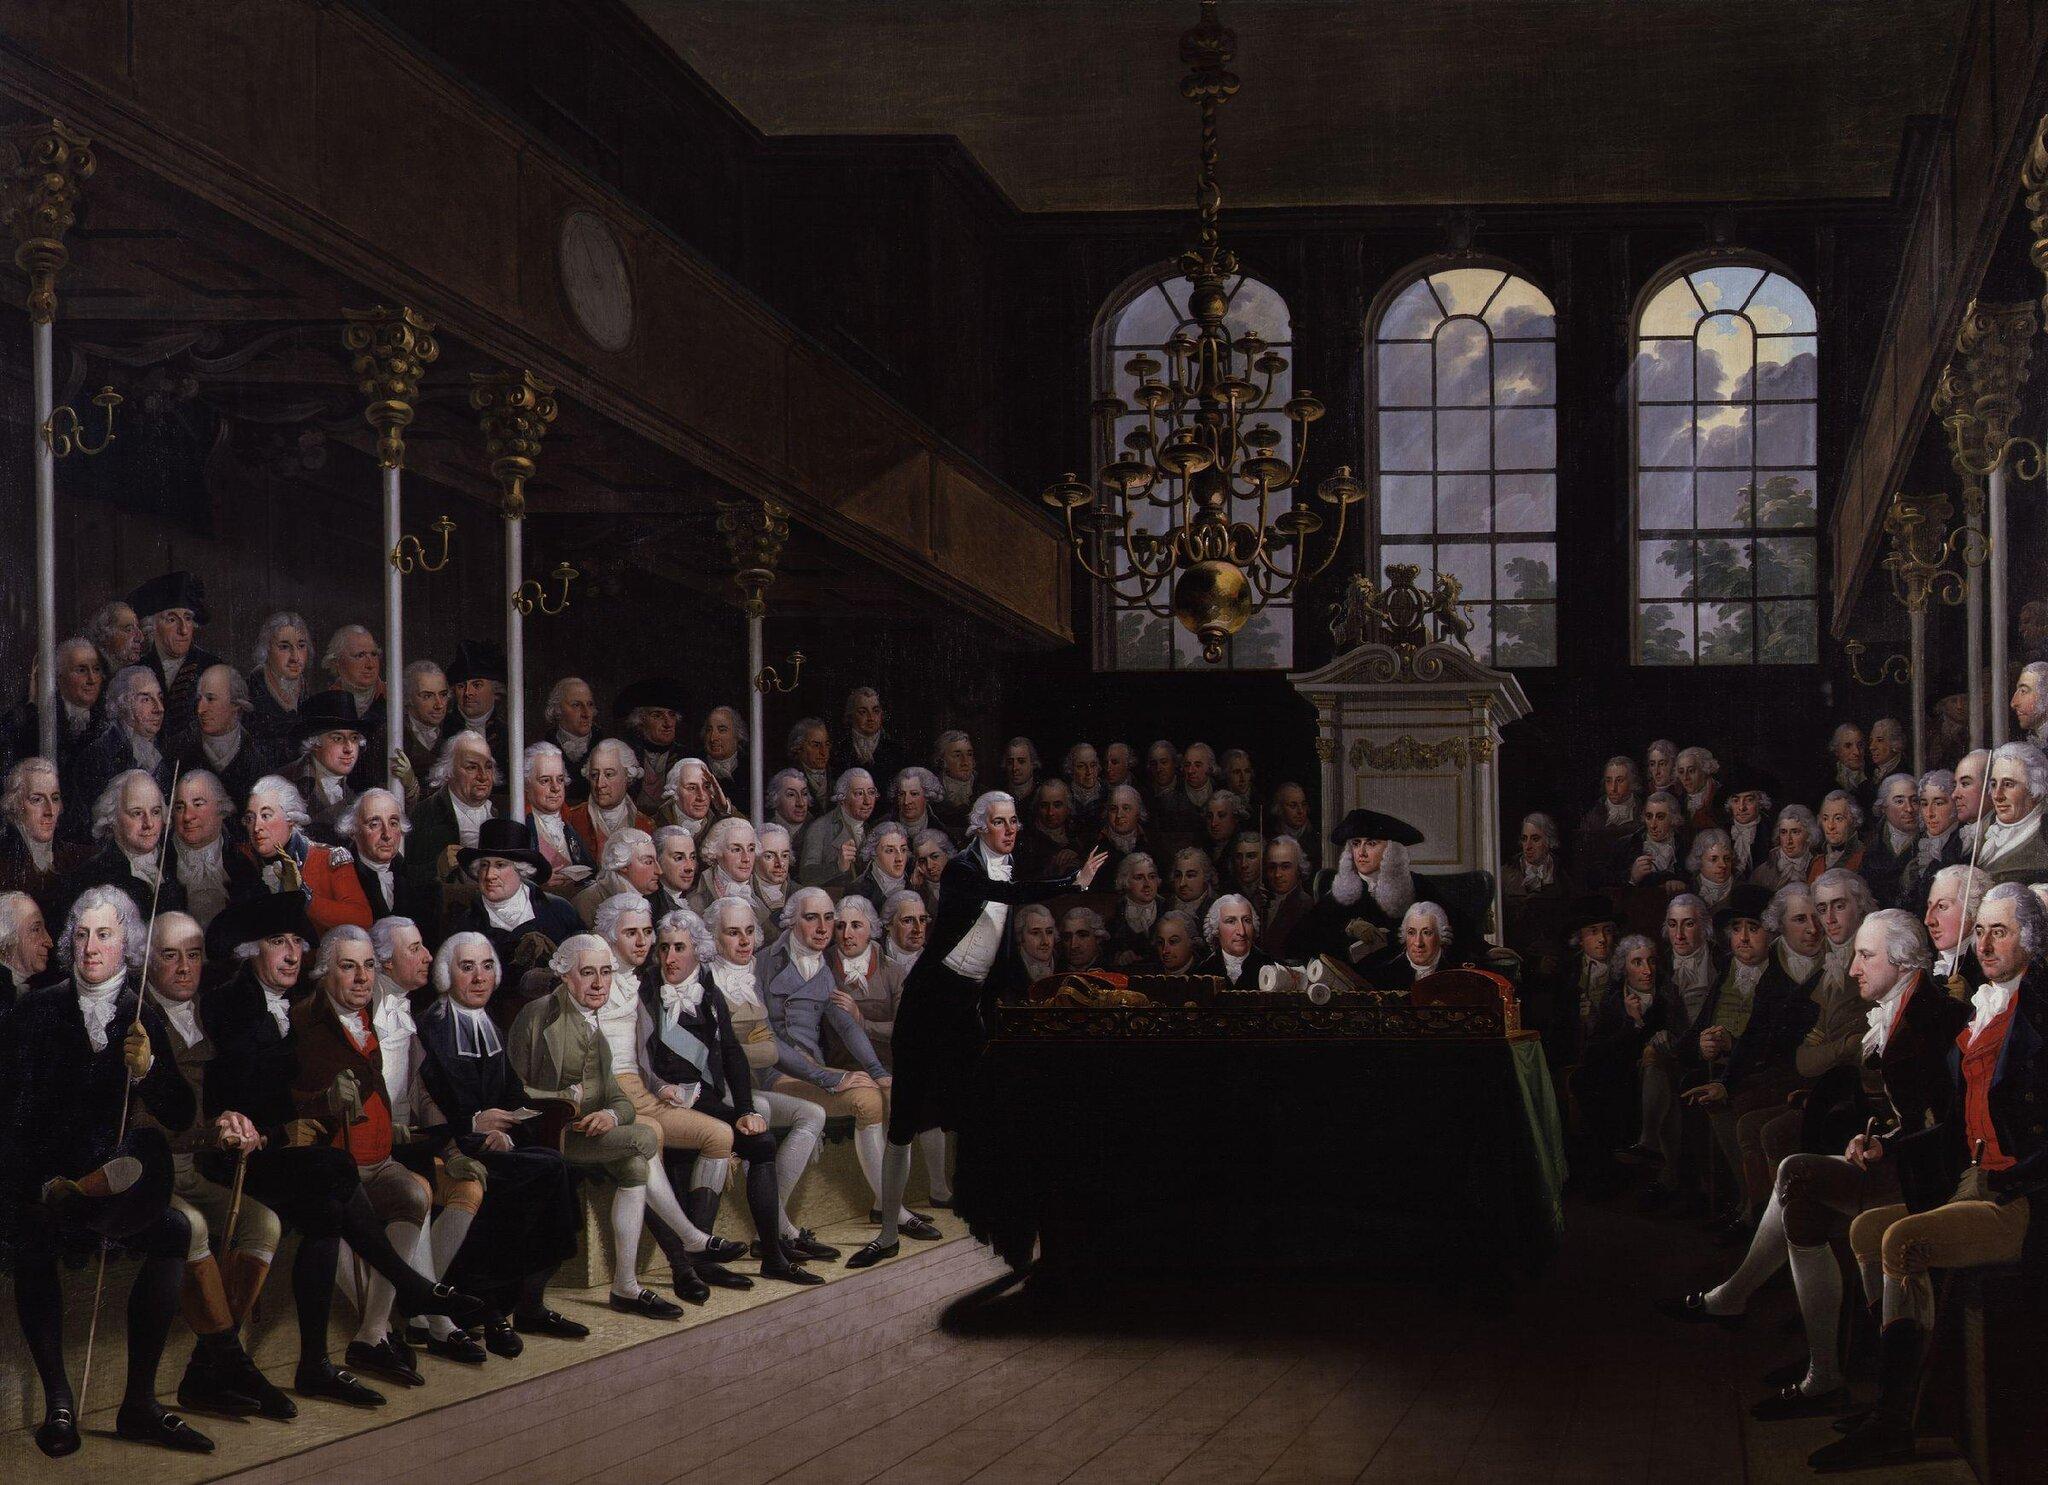 Izba Gmin 1793-94 Źródło: Karl Anton Hickel, Izba Gmin 1793-94, National Portrait Gallery, domena publiczna.